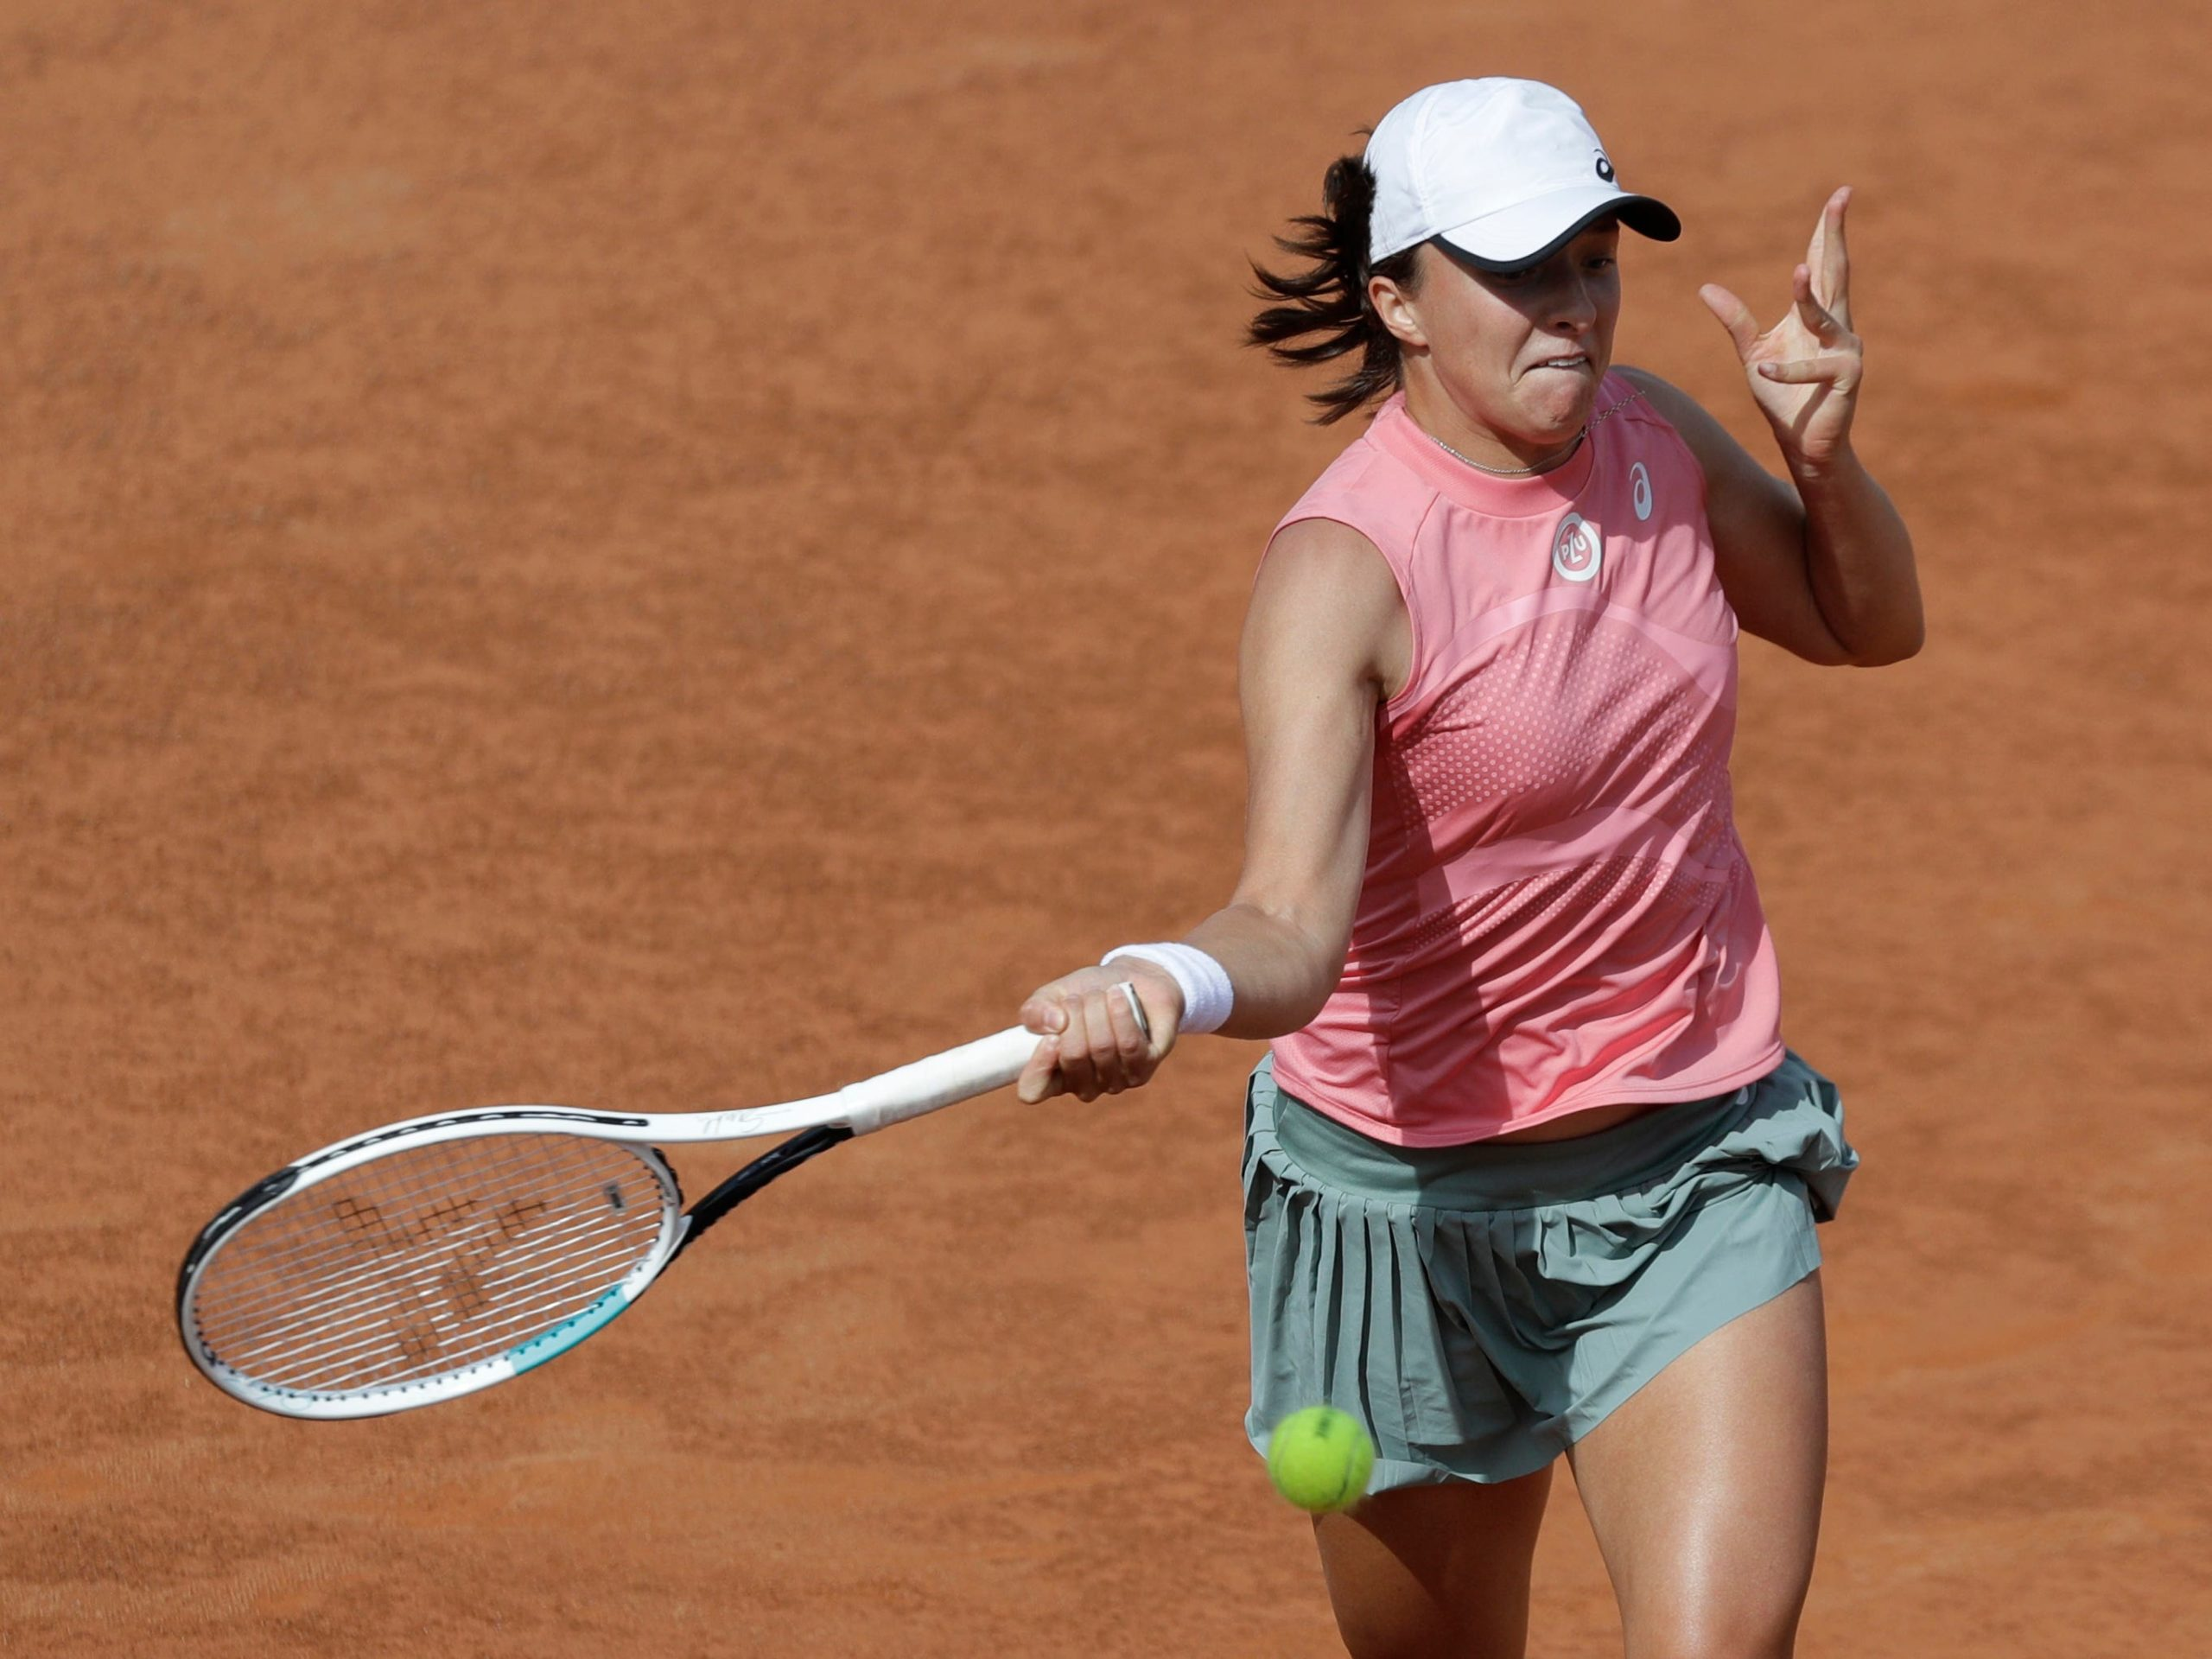 Iga Swiatek wins twice in a day to secure place in Italian Open final